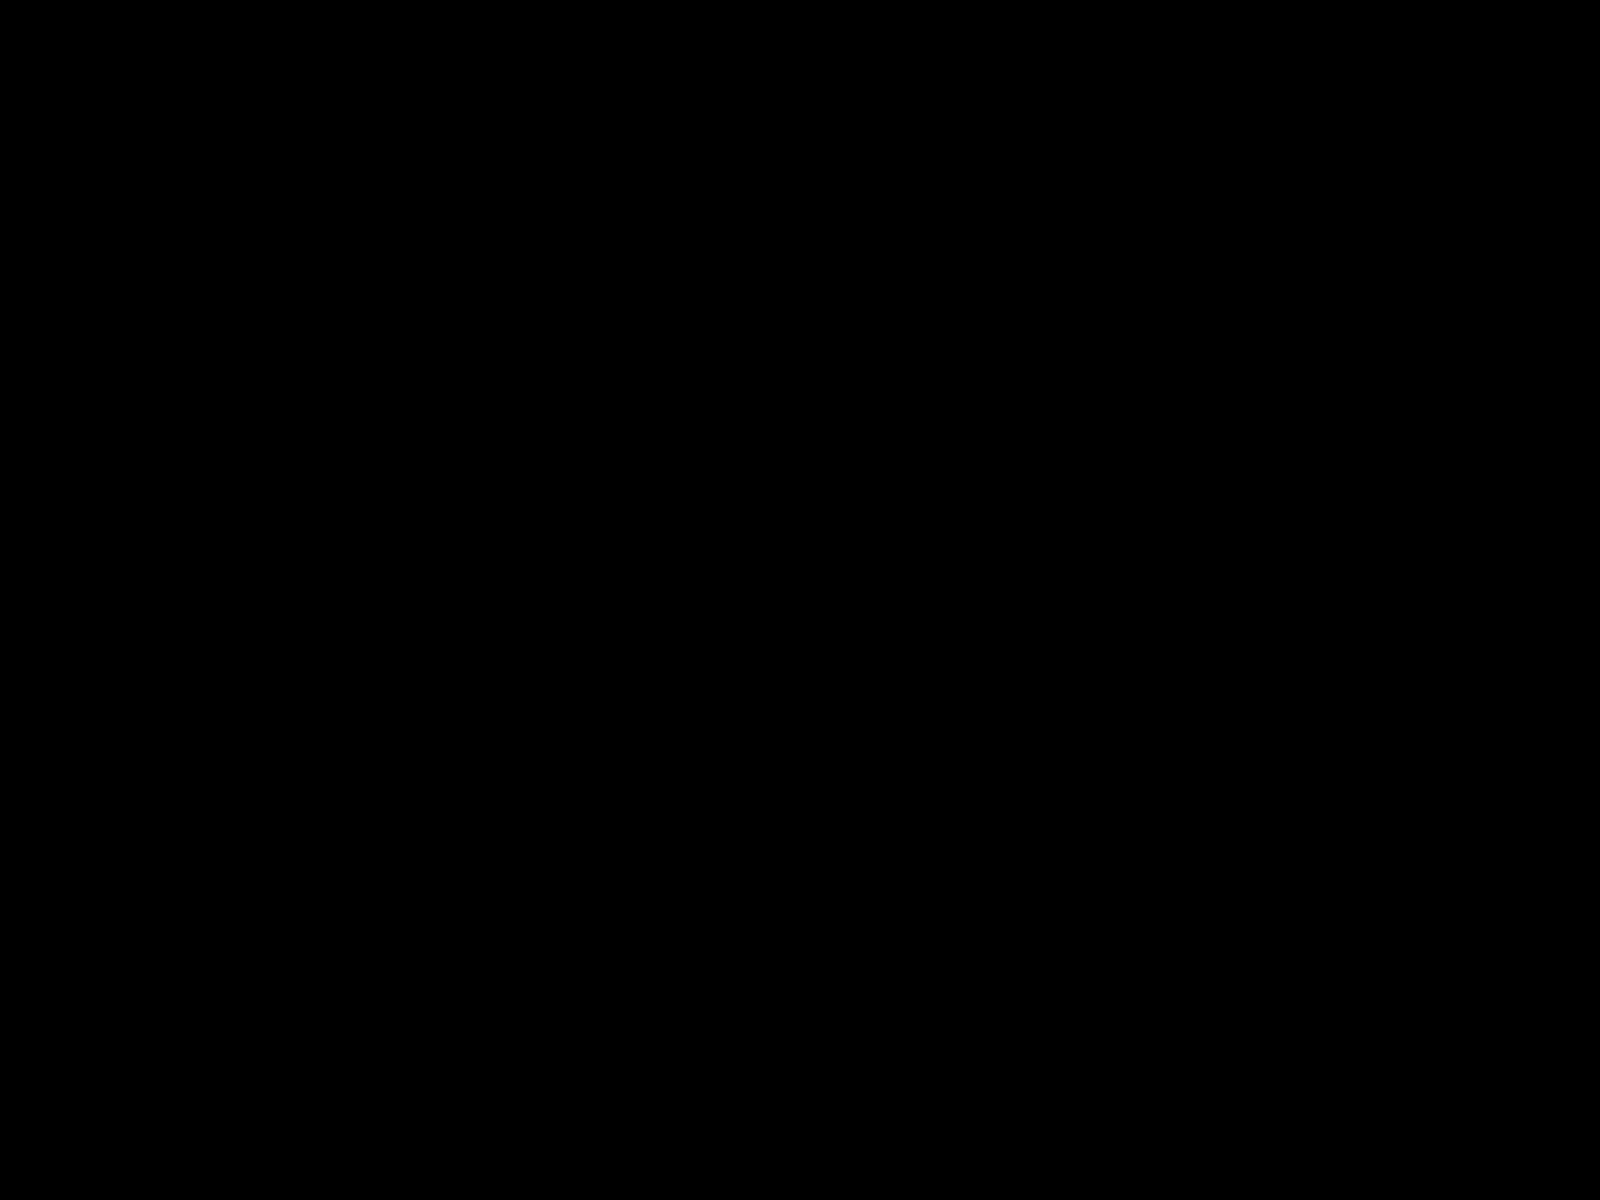 【半島青年商會】恭喜本會於濟州亞太大會獲得各個獎項